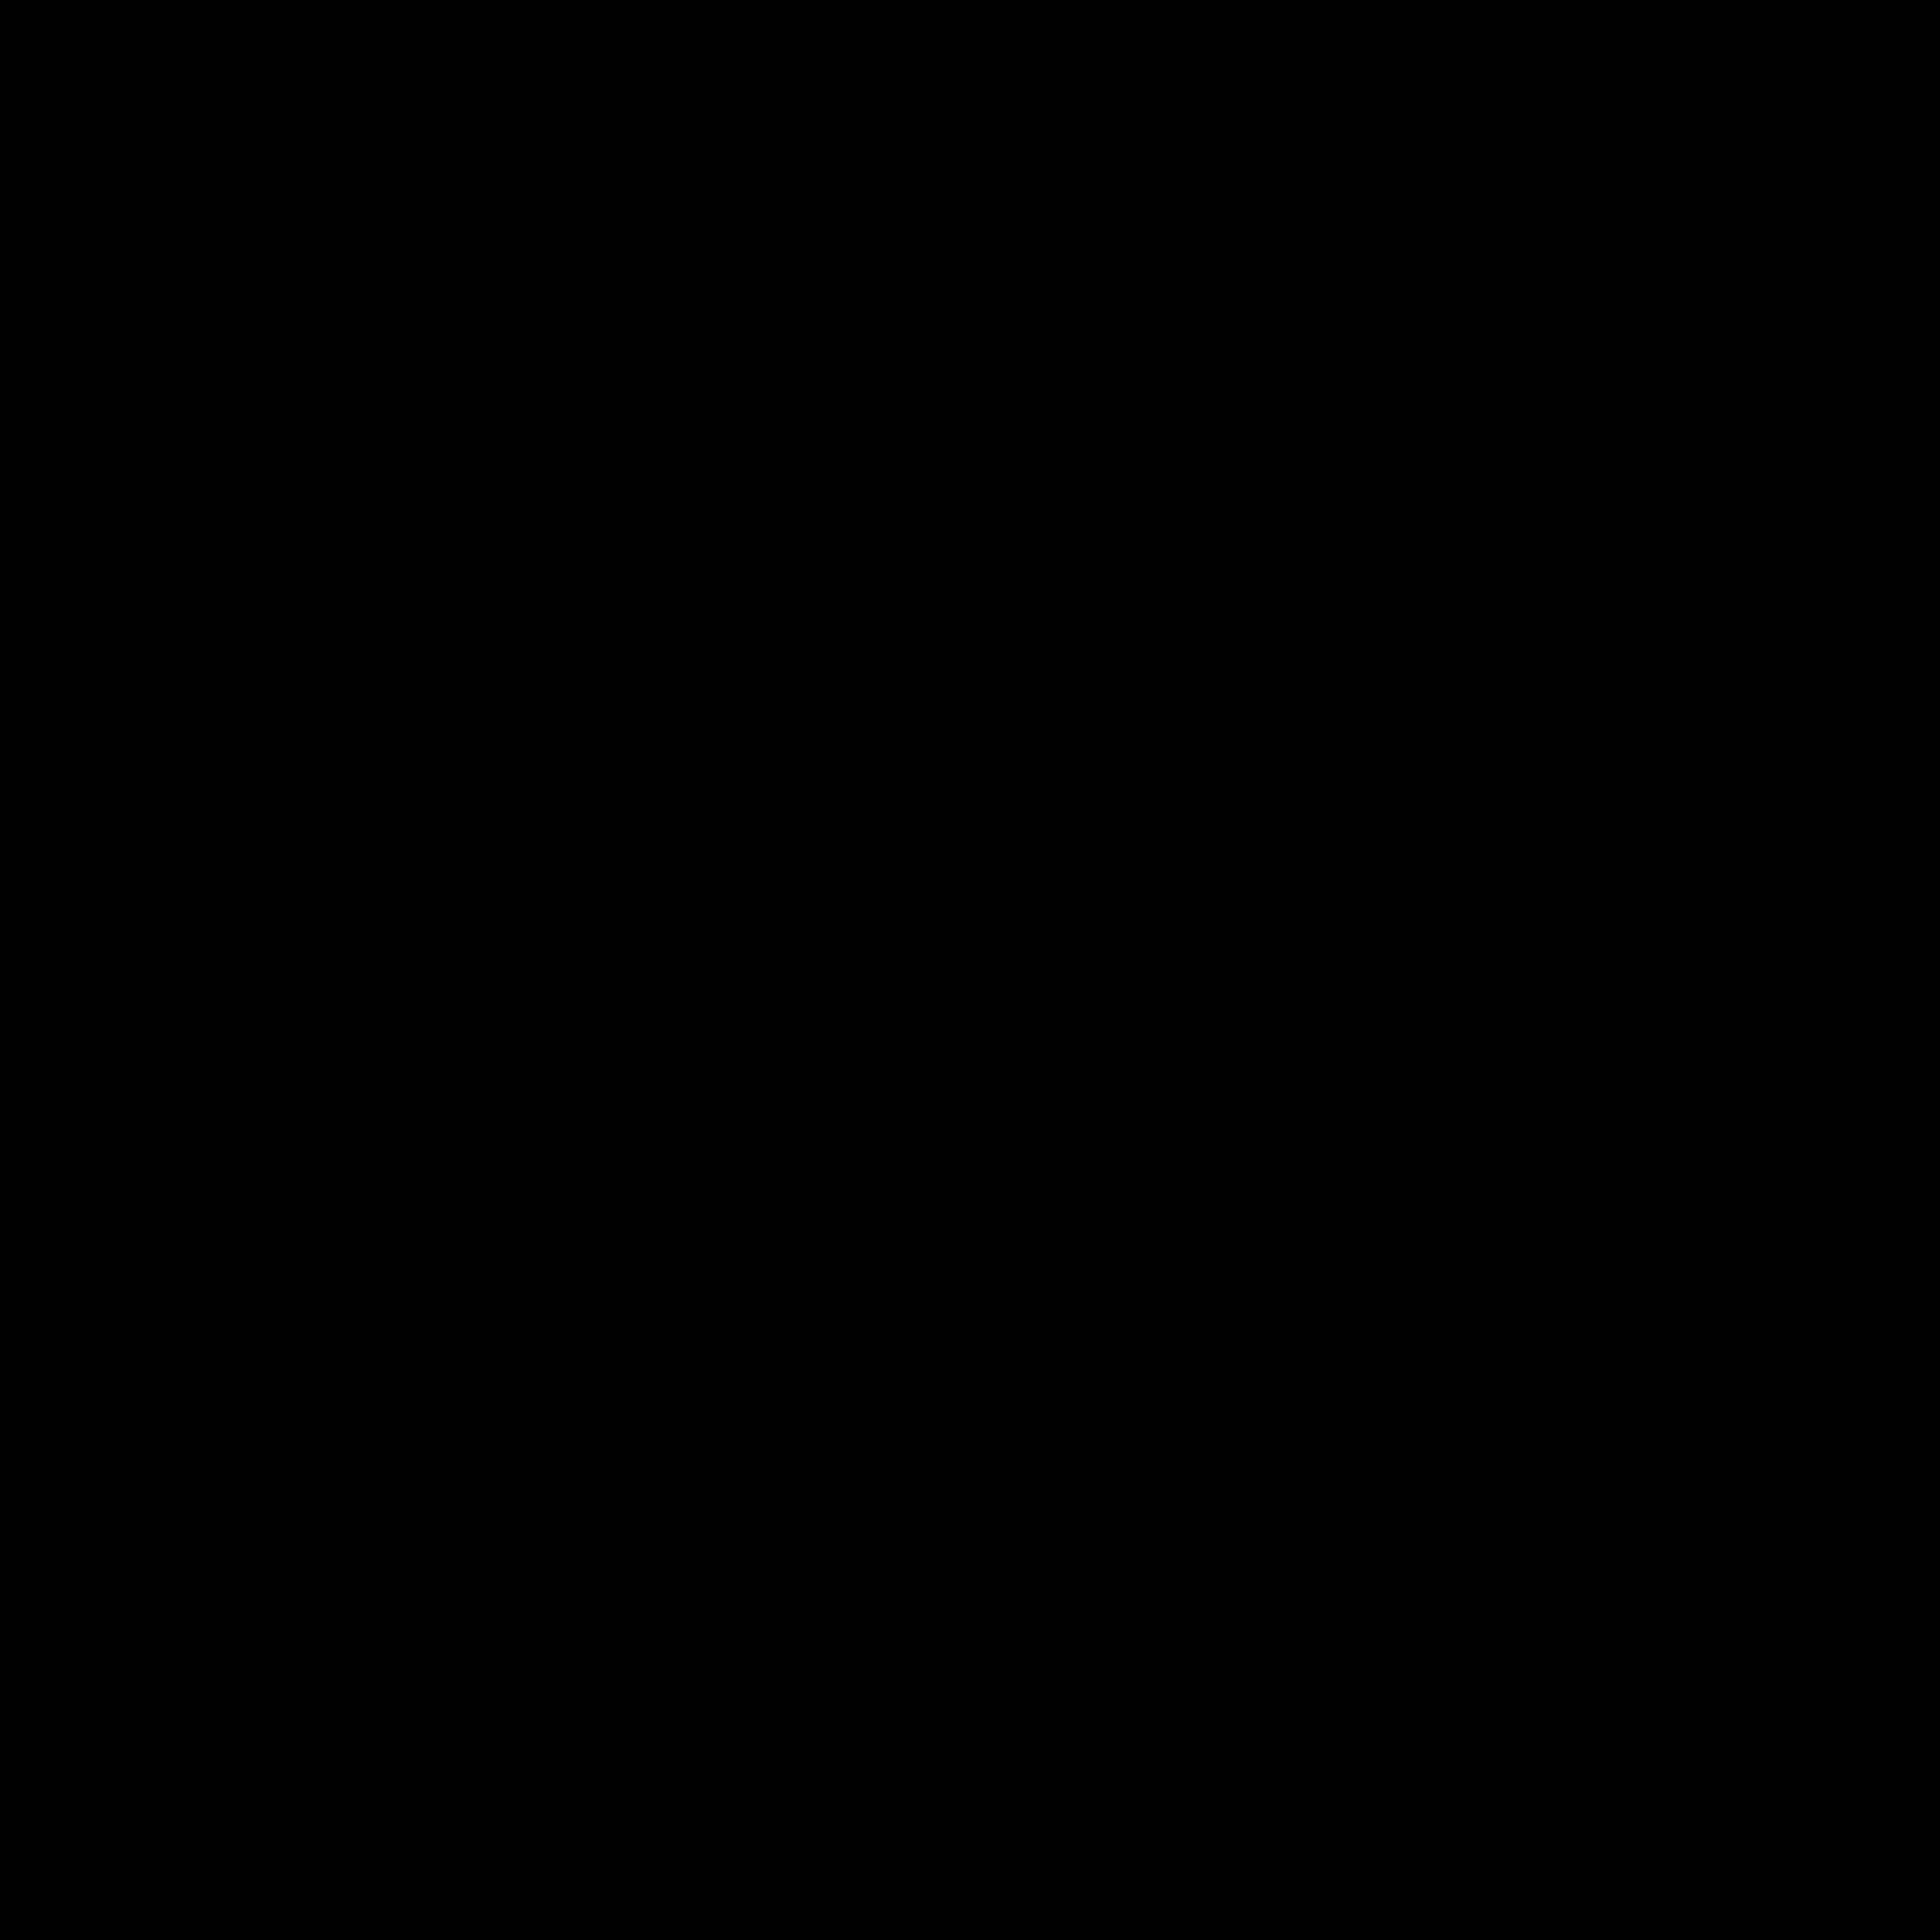 oppo logo 0 - OPPO Logo